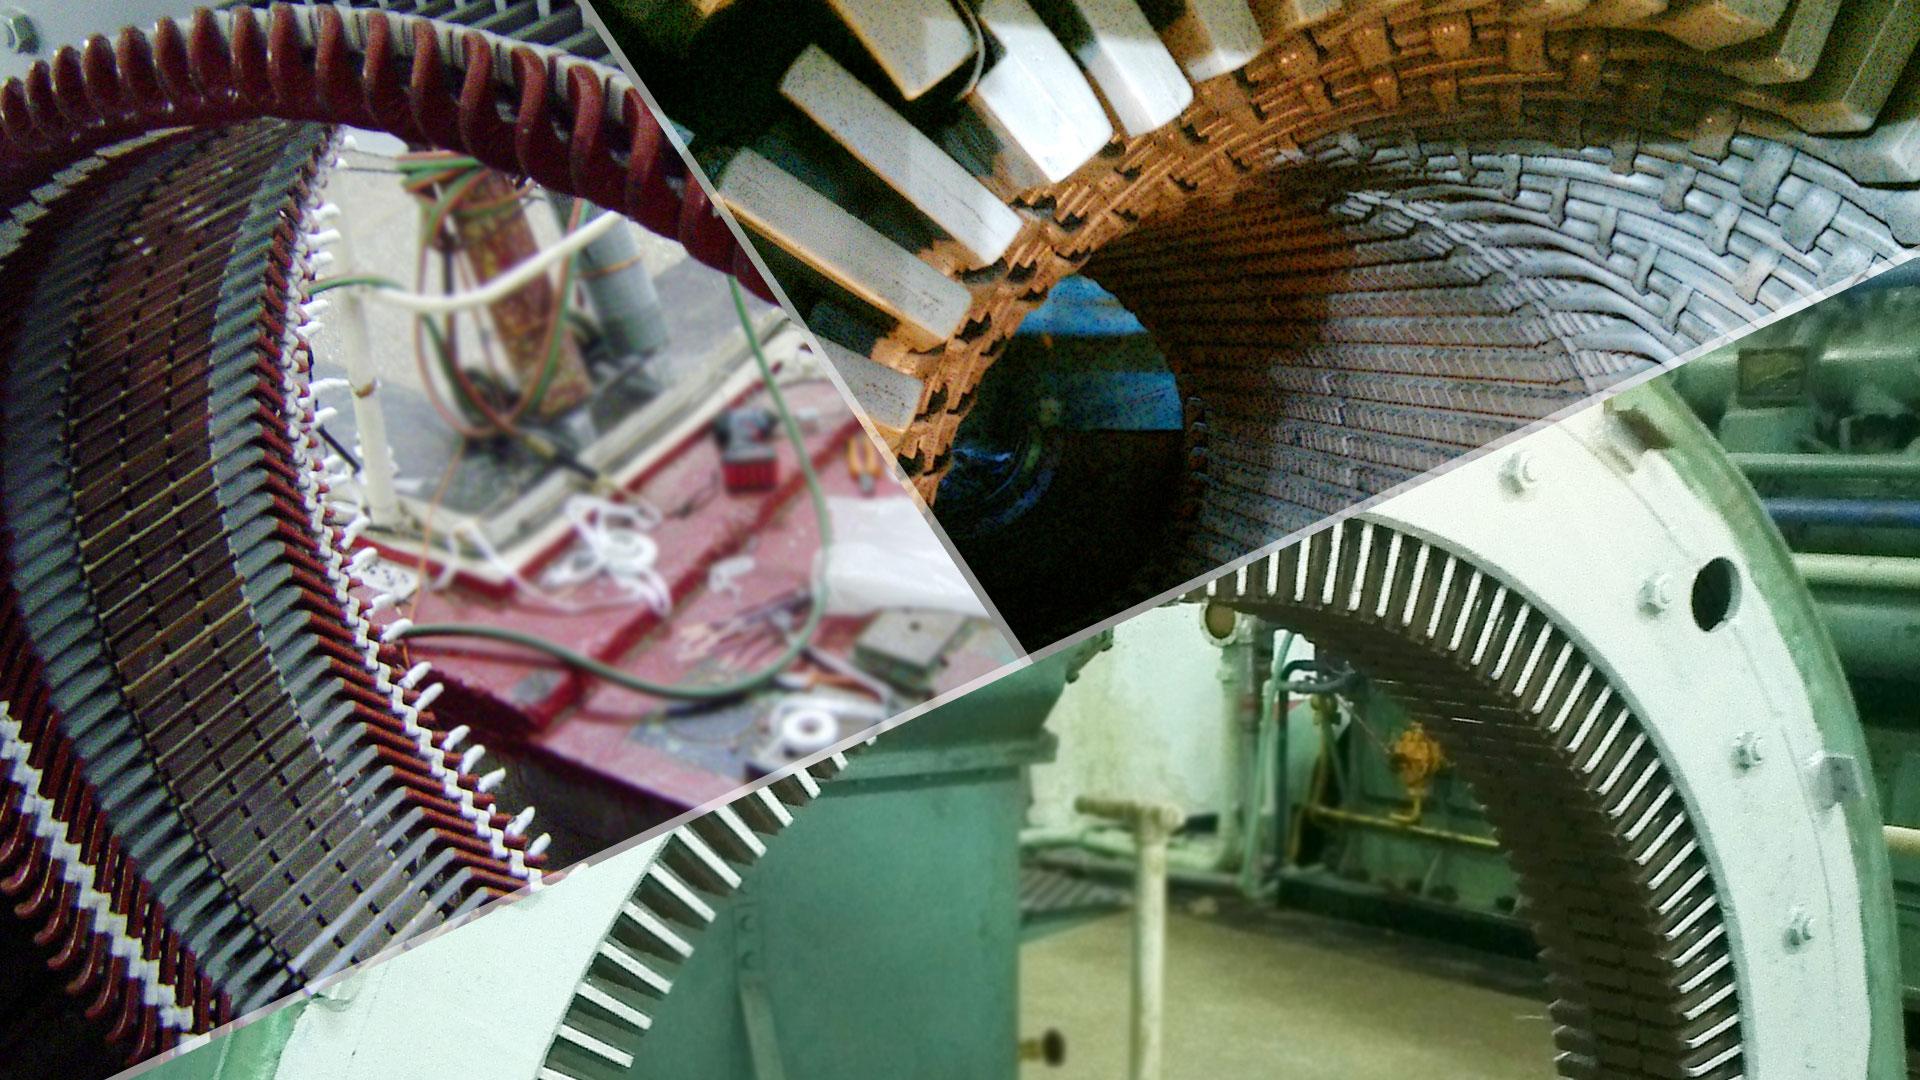 slider-rotating-machines-service